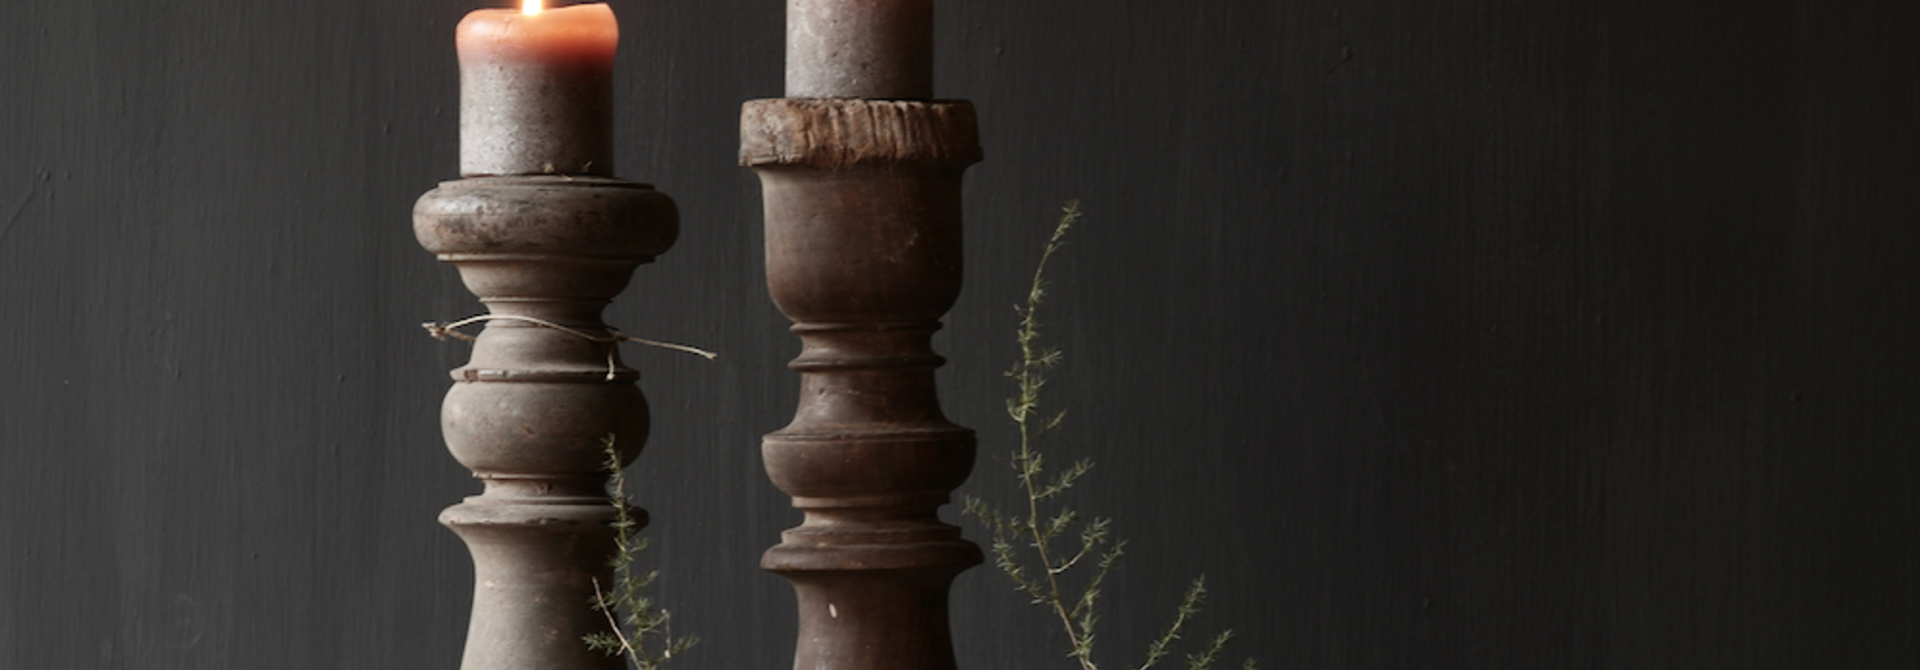 Schöner alter hölzerner Baluster-Kerzenständer